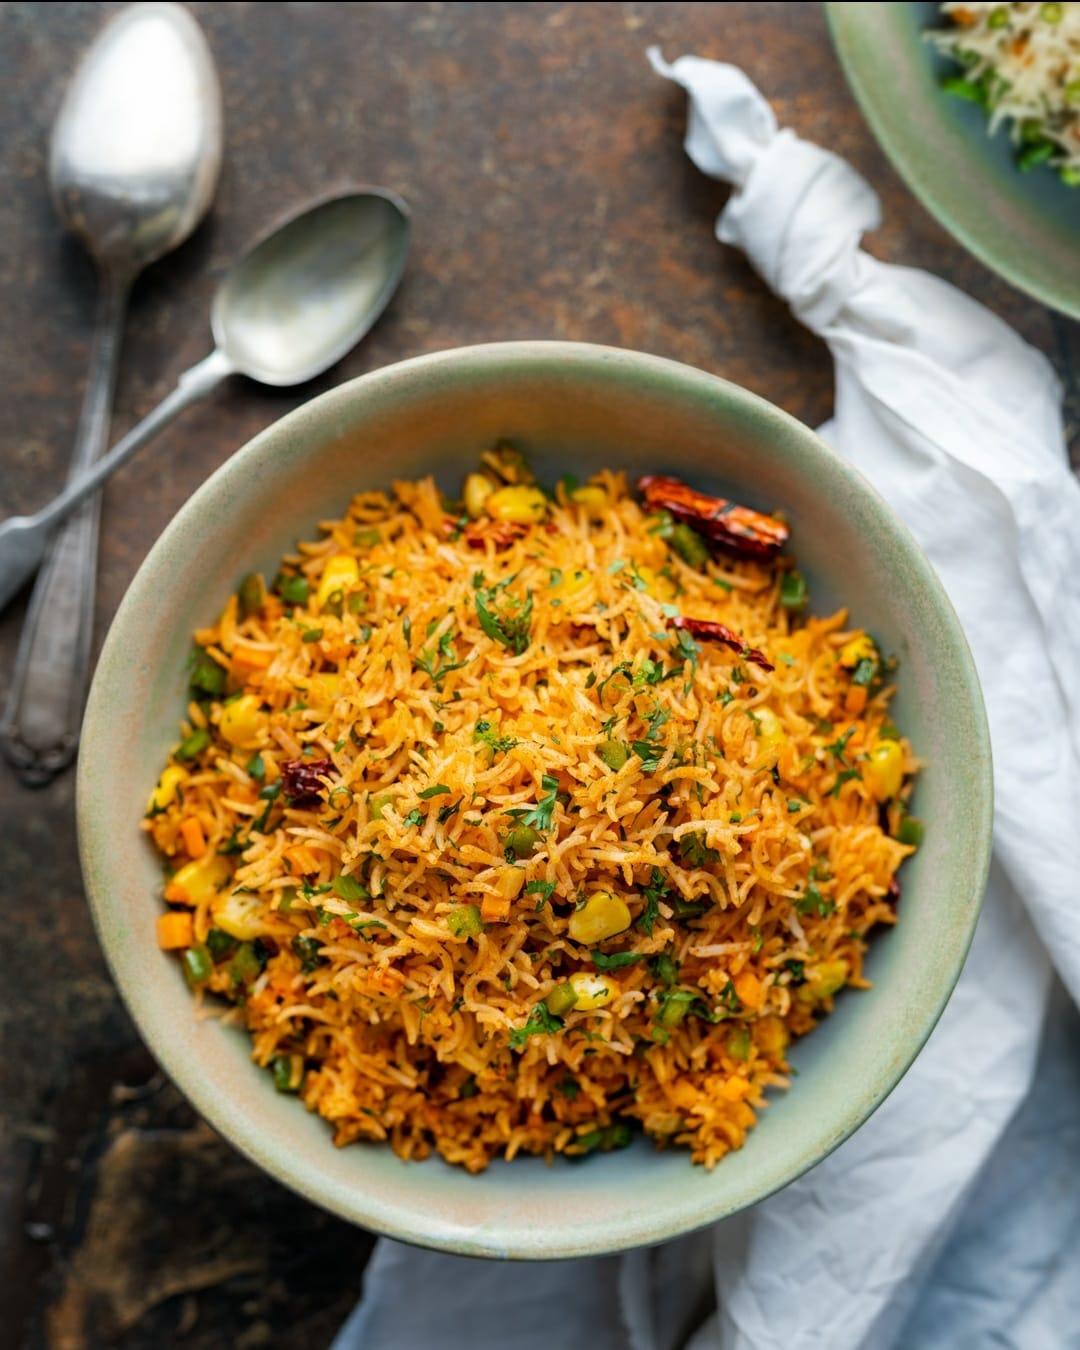 Peri peri rice